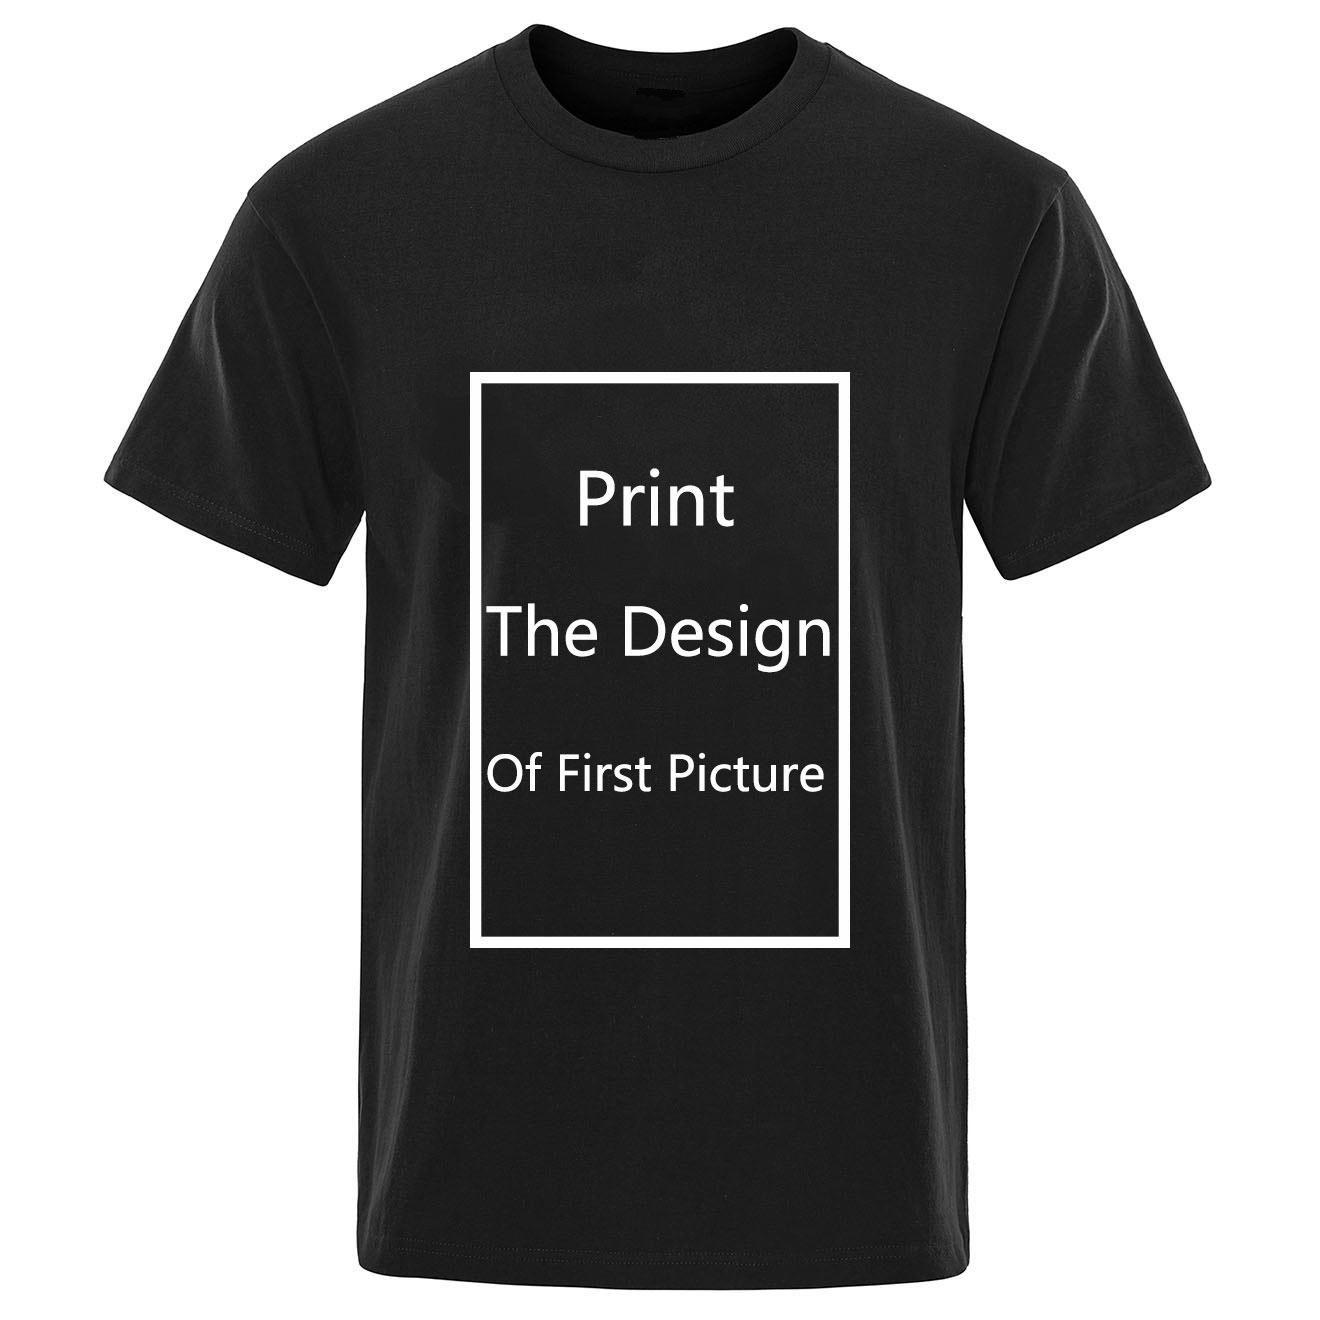 Erkekler Evil Chochin Obake Yüz 3D Punk Casual Baskı Giyim Gömlek için Eh Seçilmiş Komik Tişörtler Kendi tişörtleri On Sale